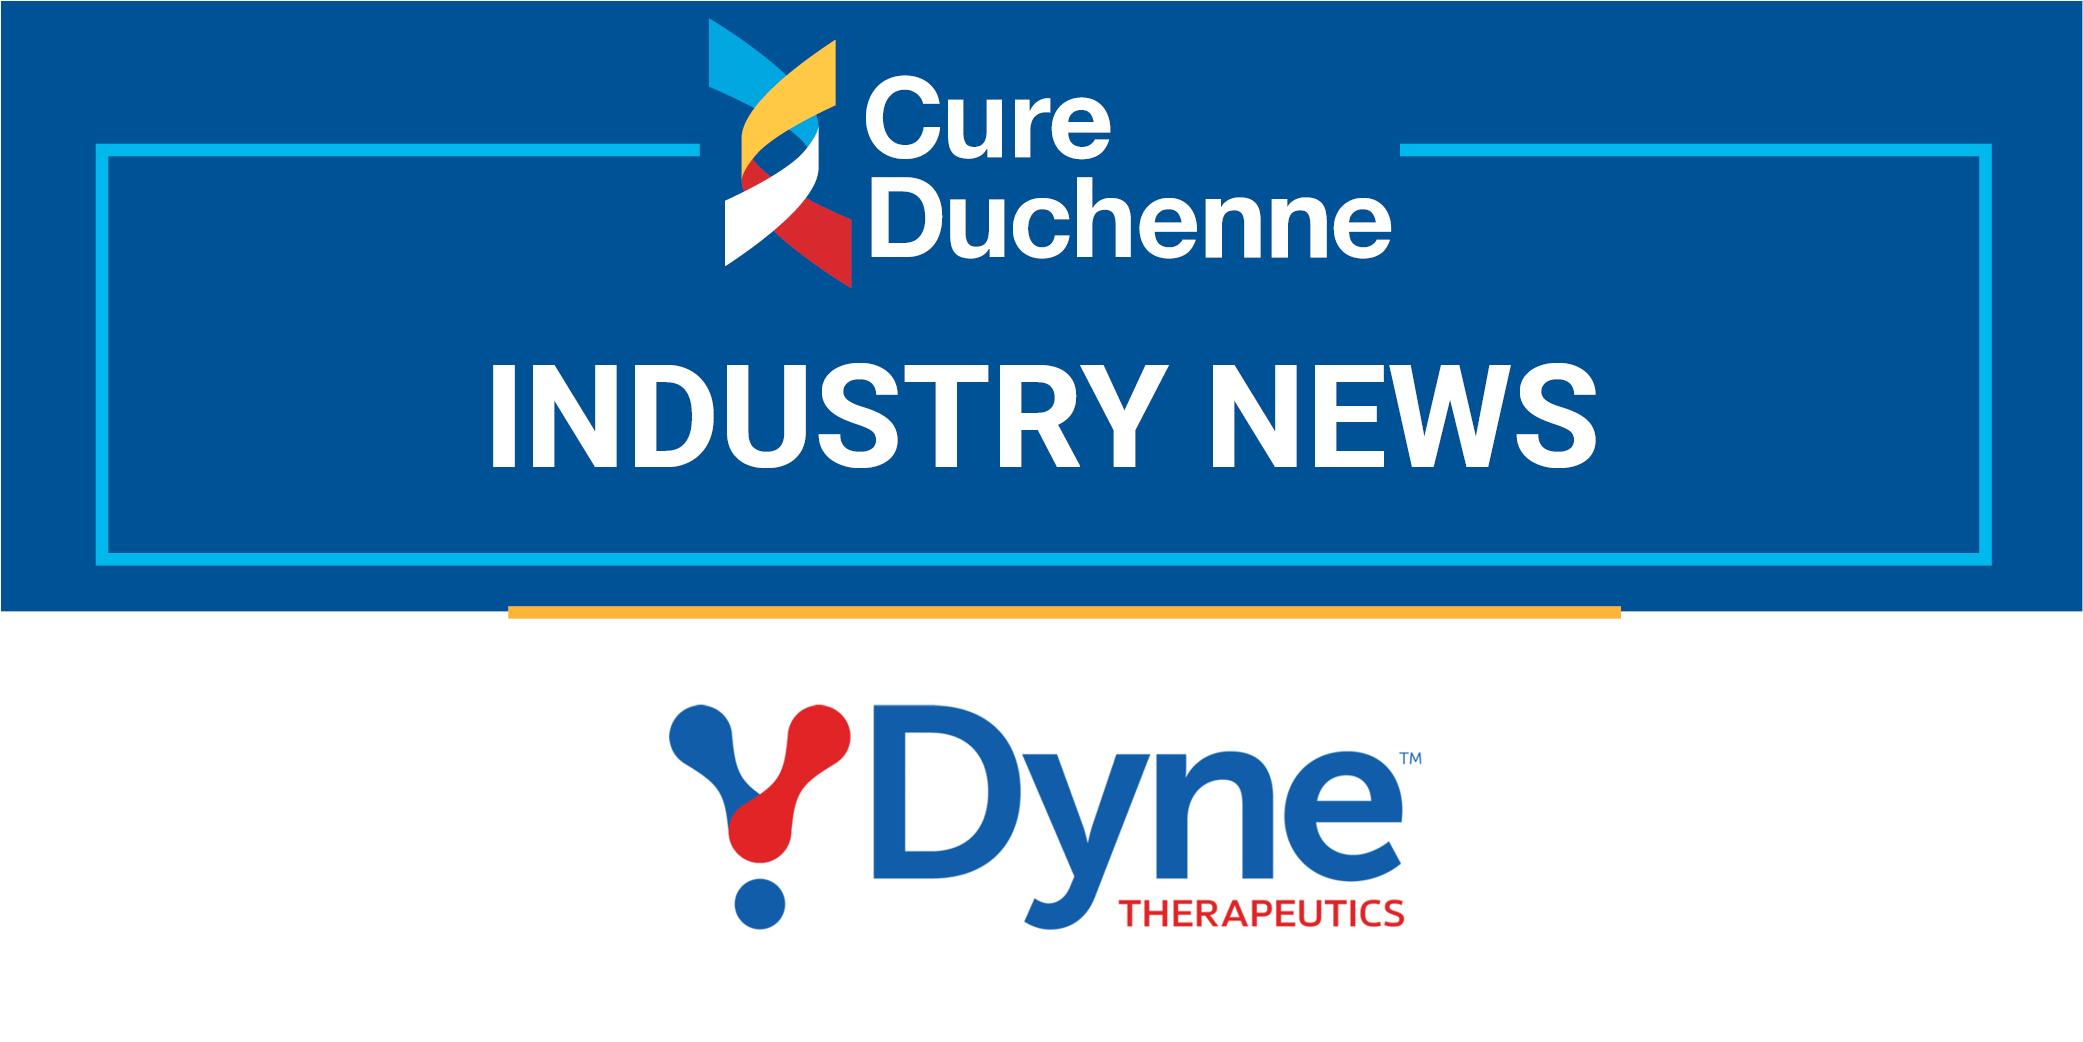 dyne-blog-news-header-image